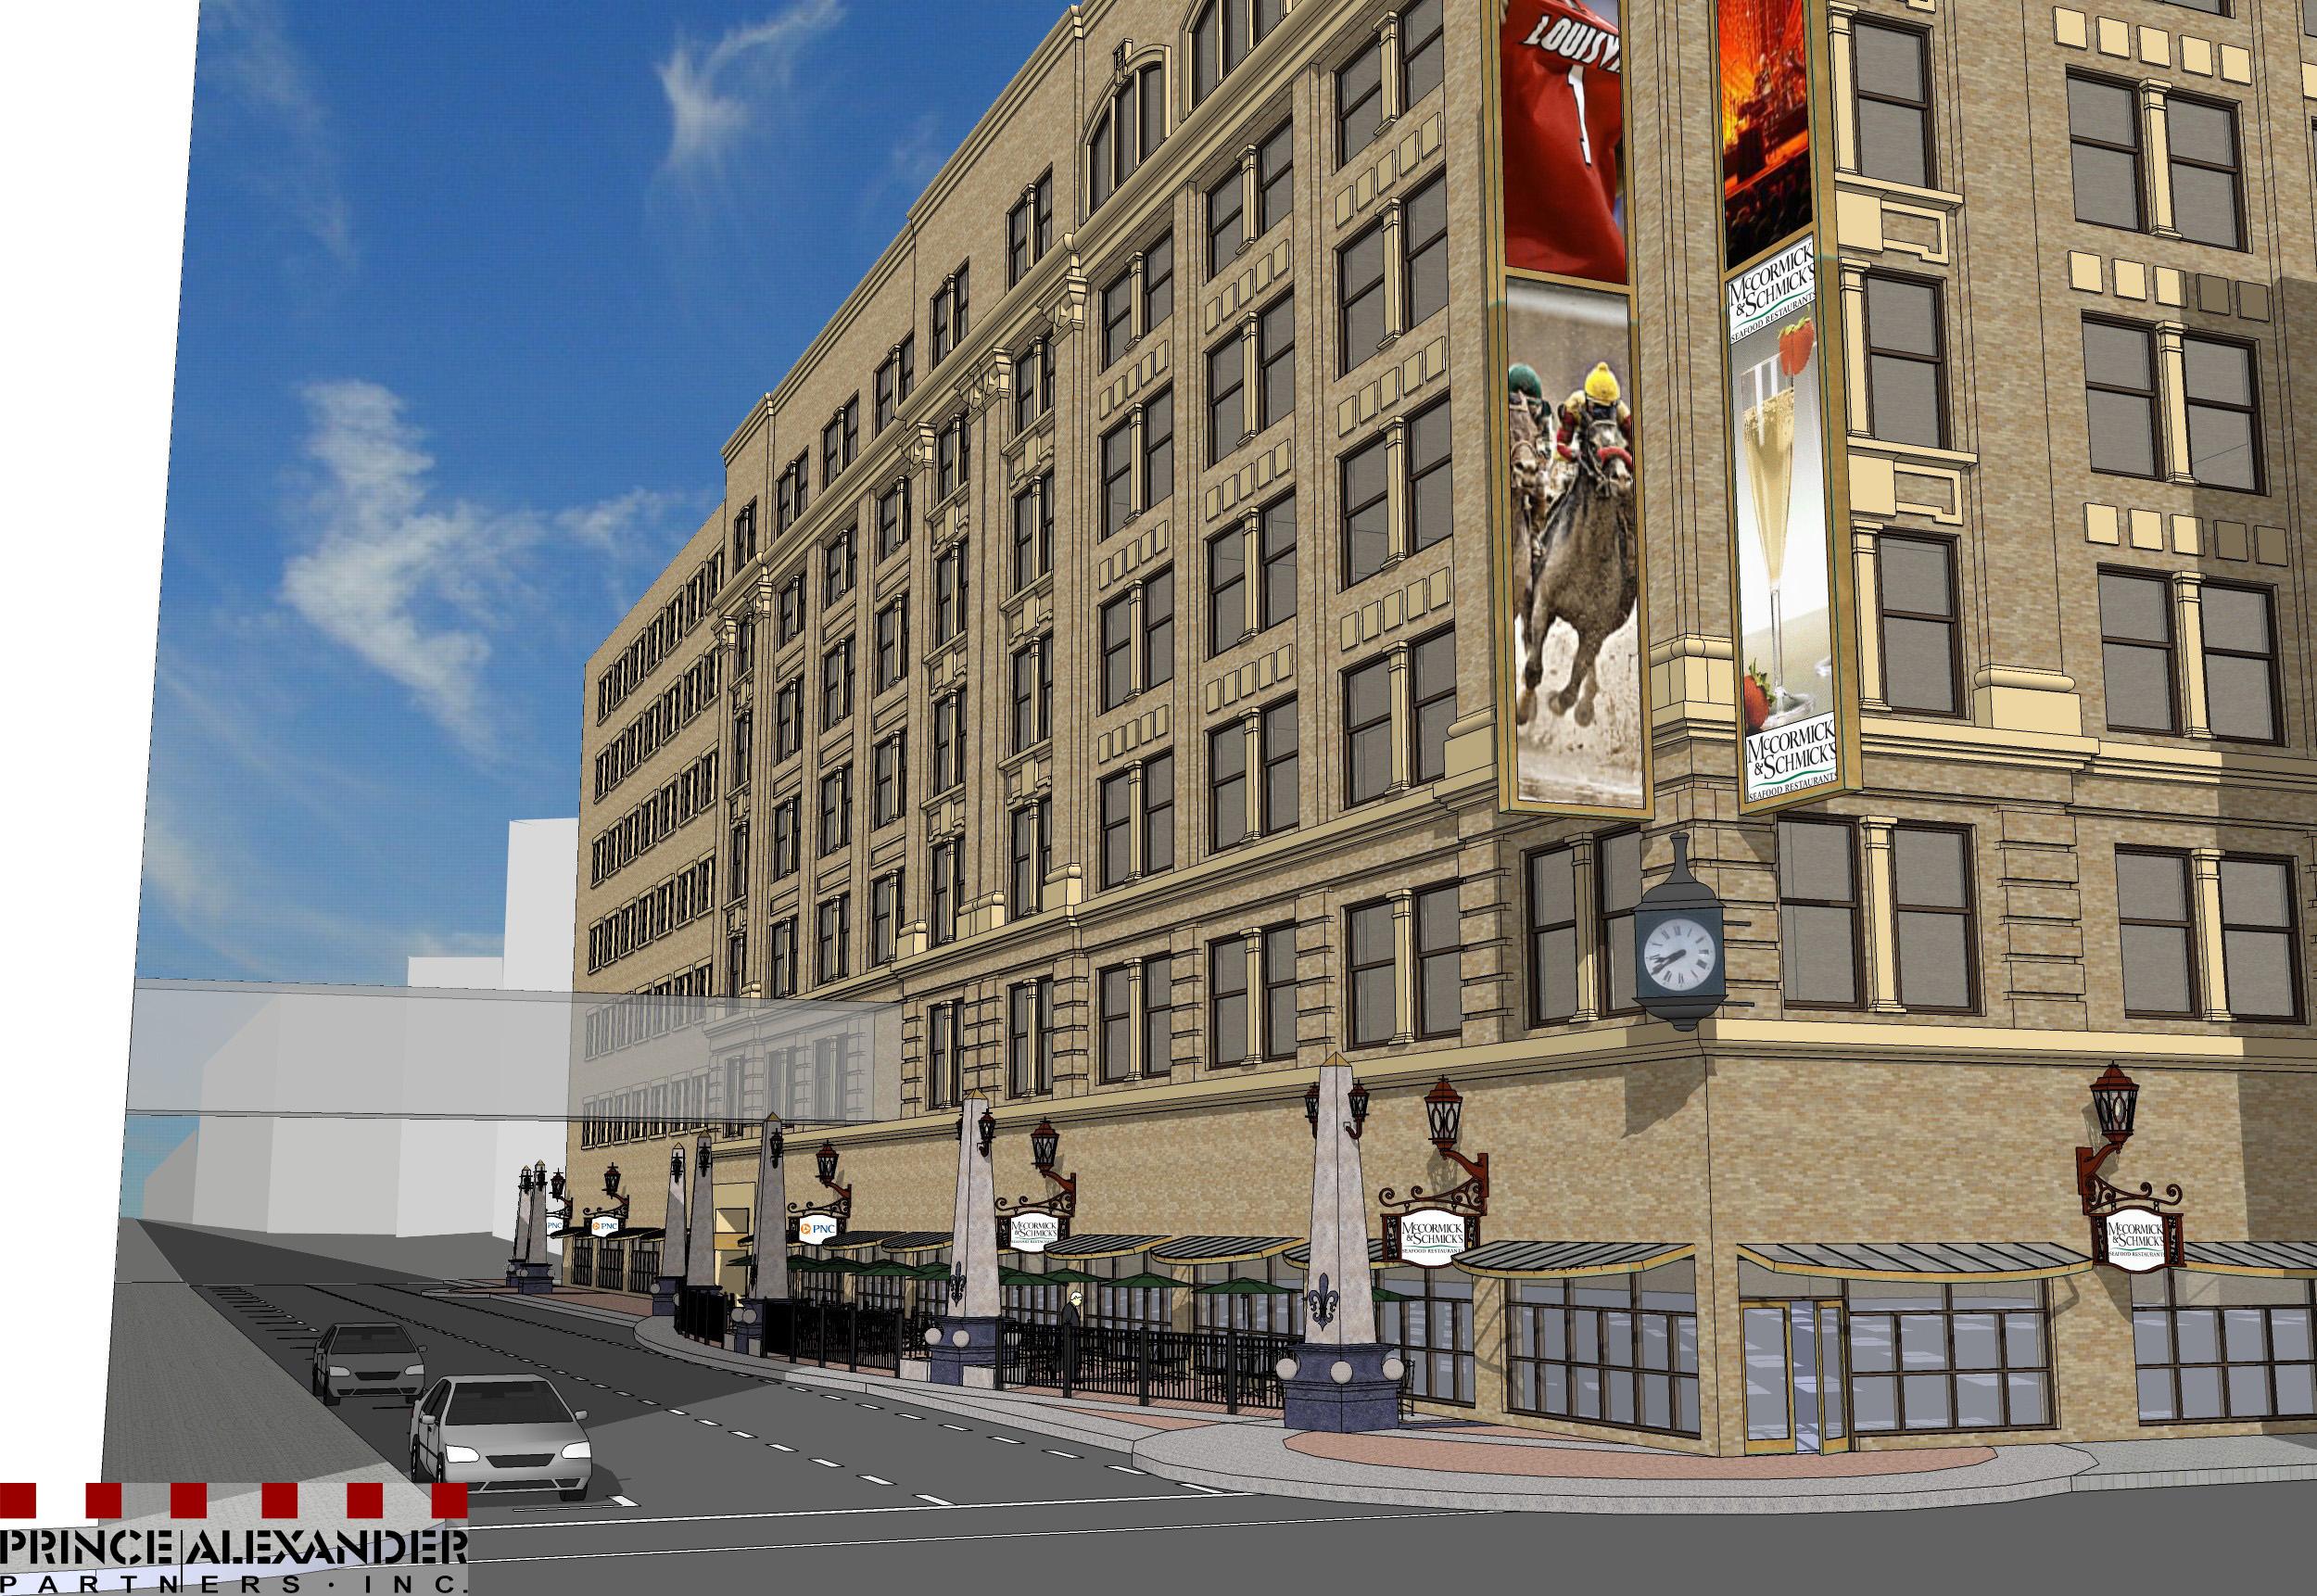 Embassy Suites_12-29-09_2.jpg